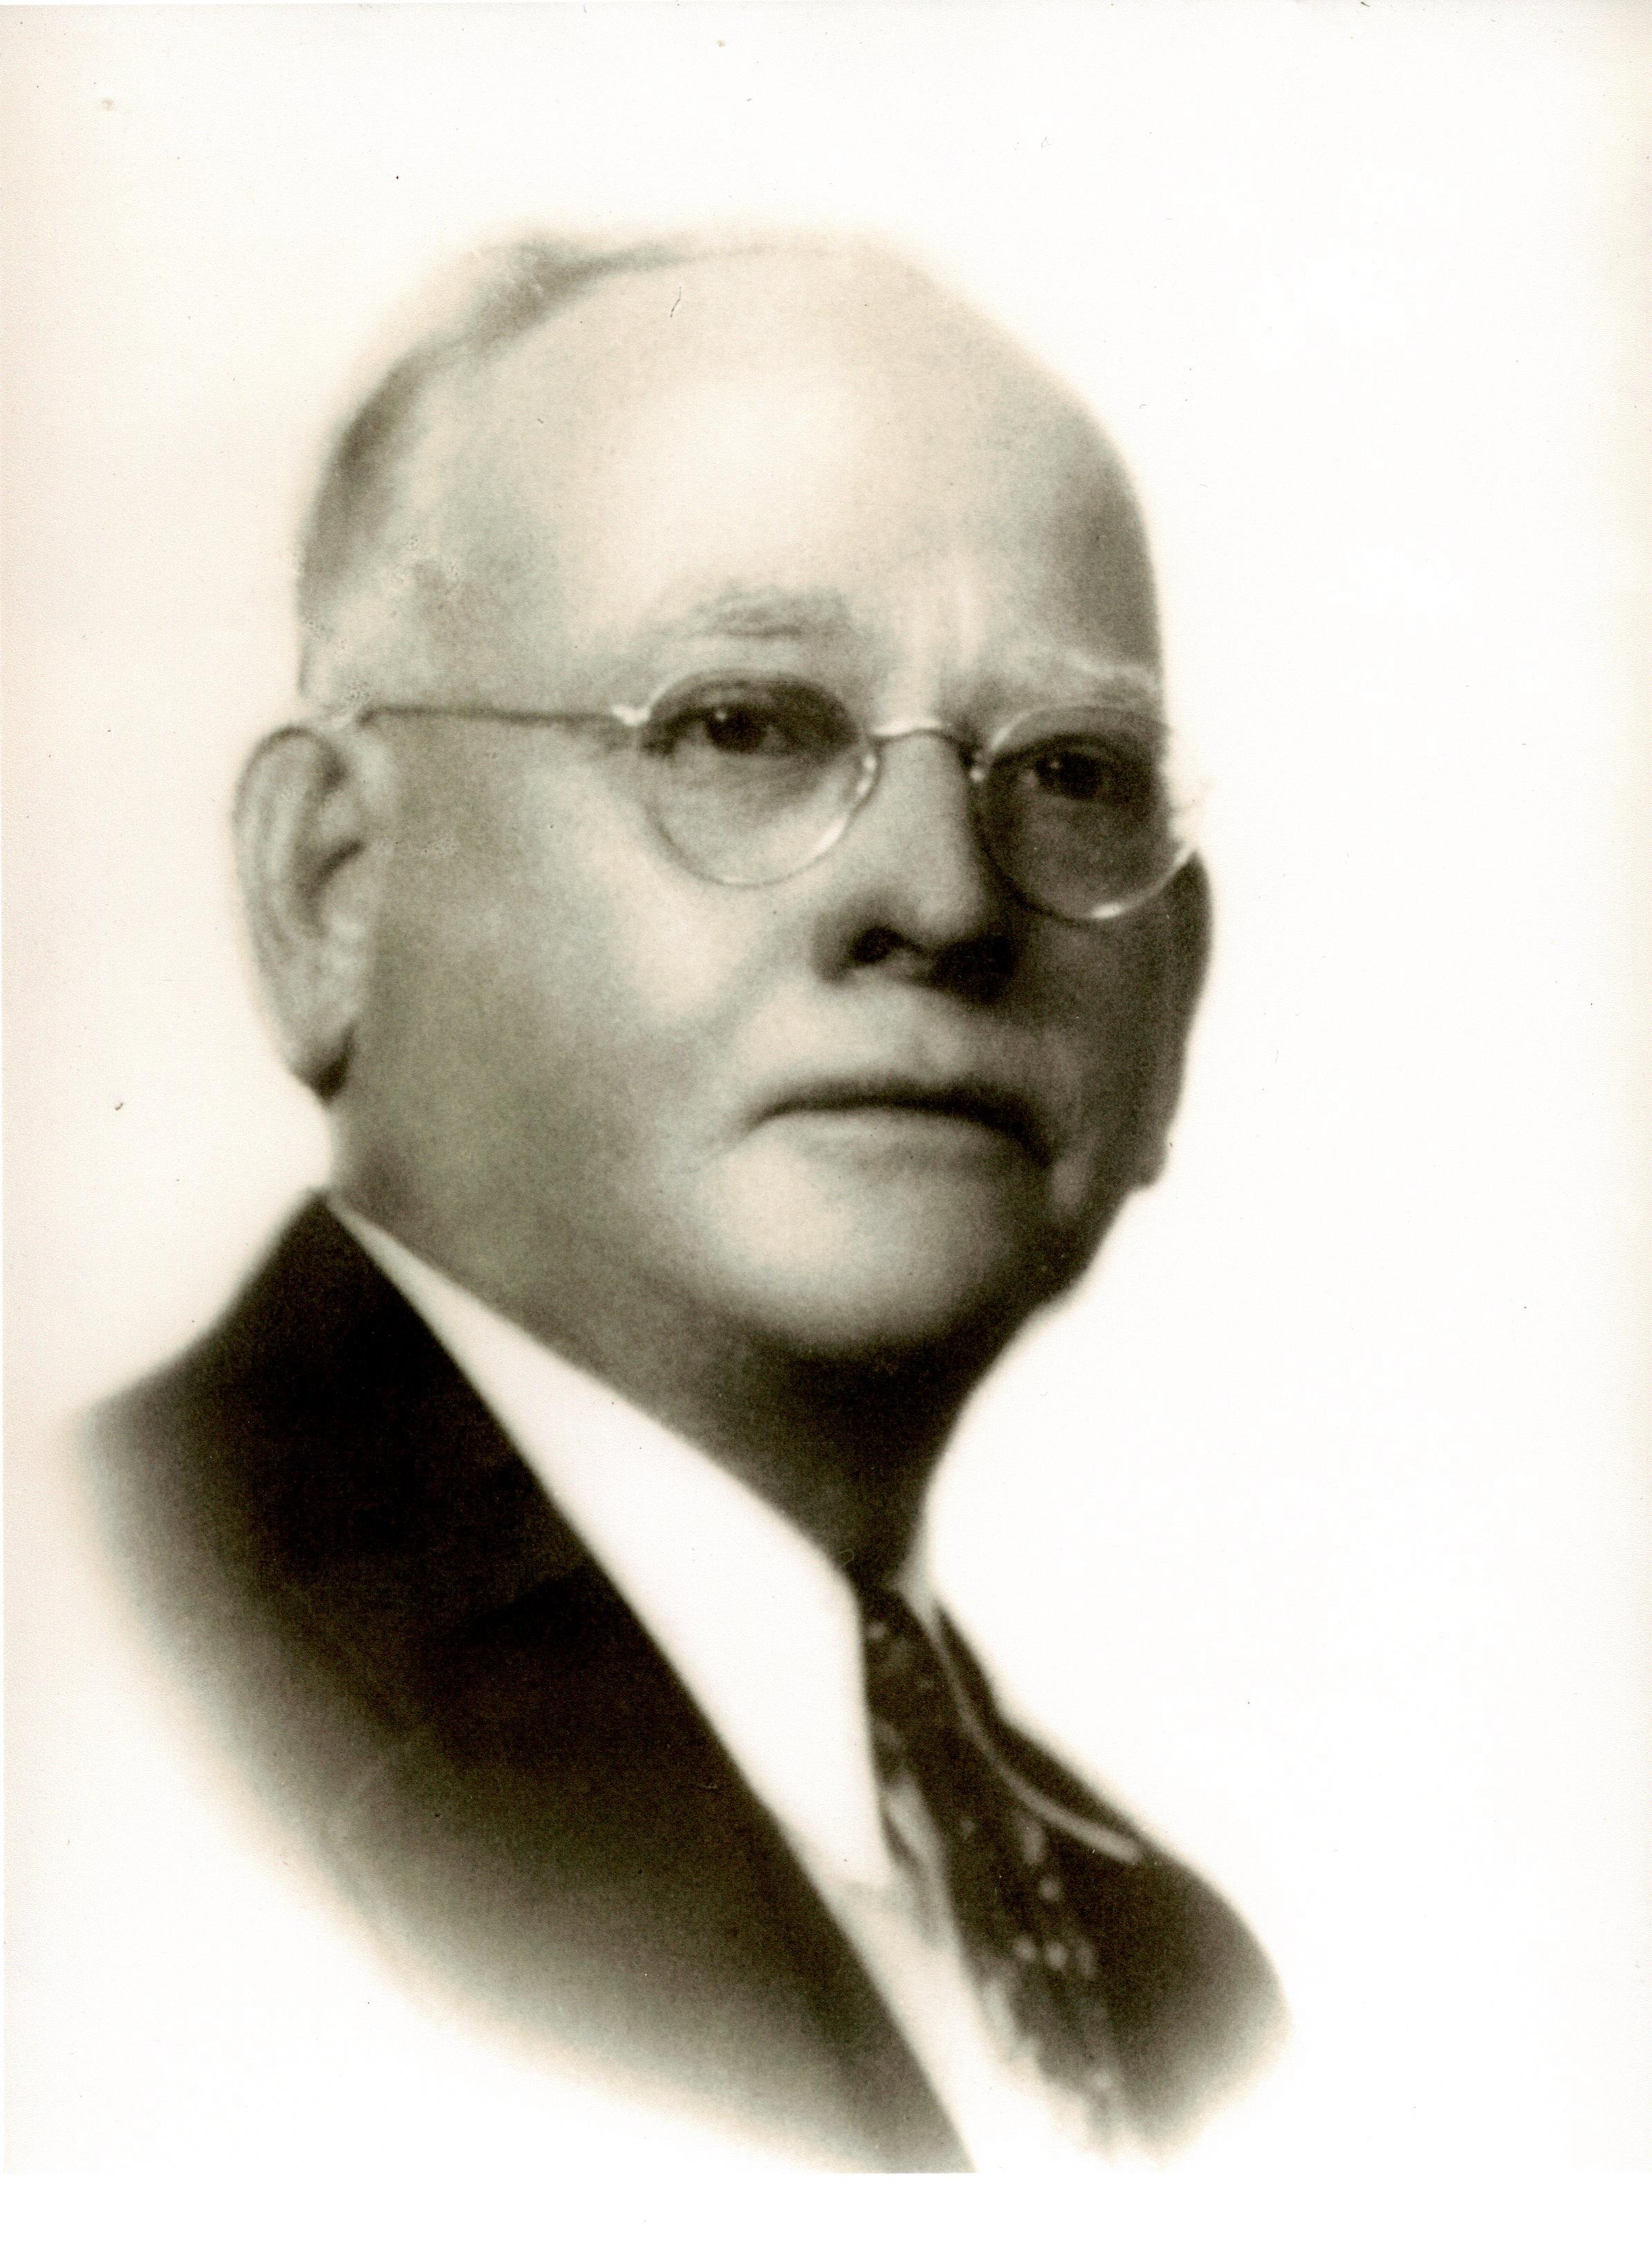 William Harris, undated.